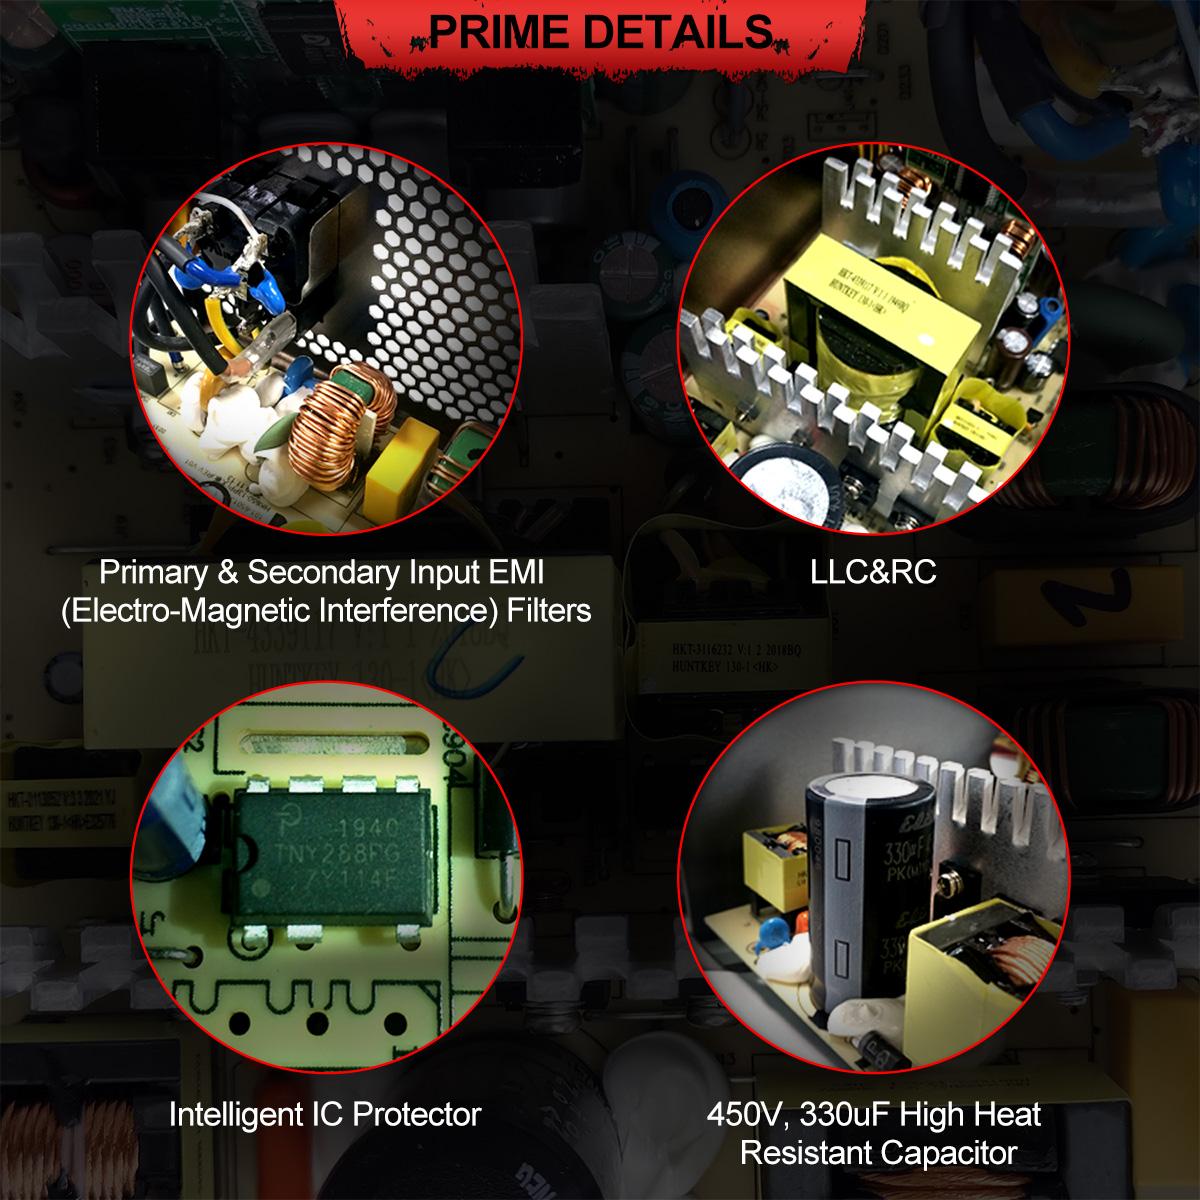 08-1 GS700 PRIME